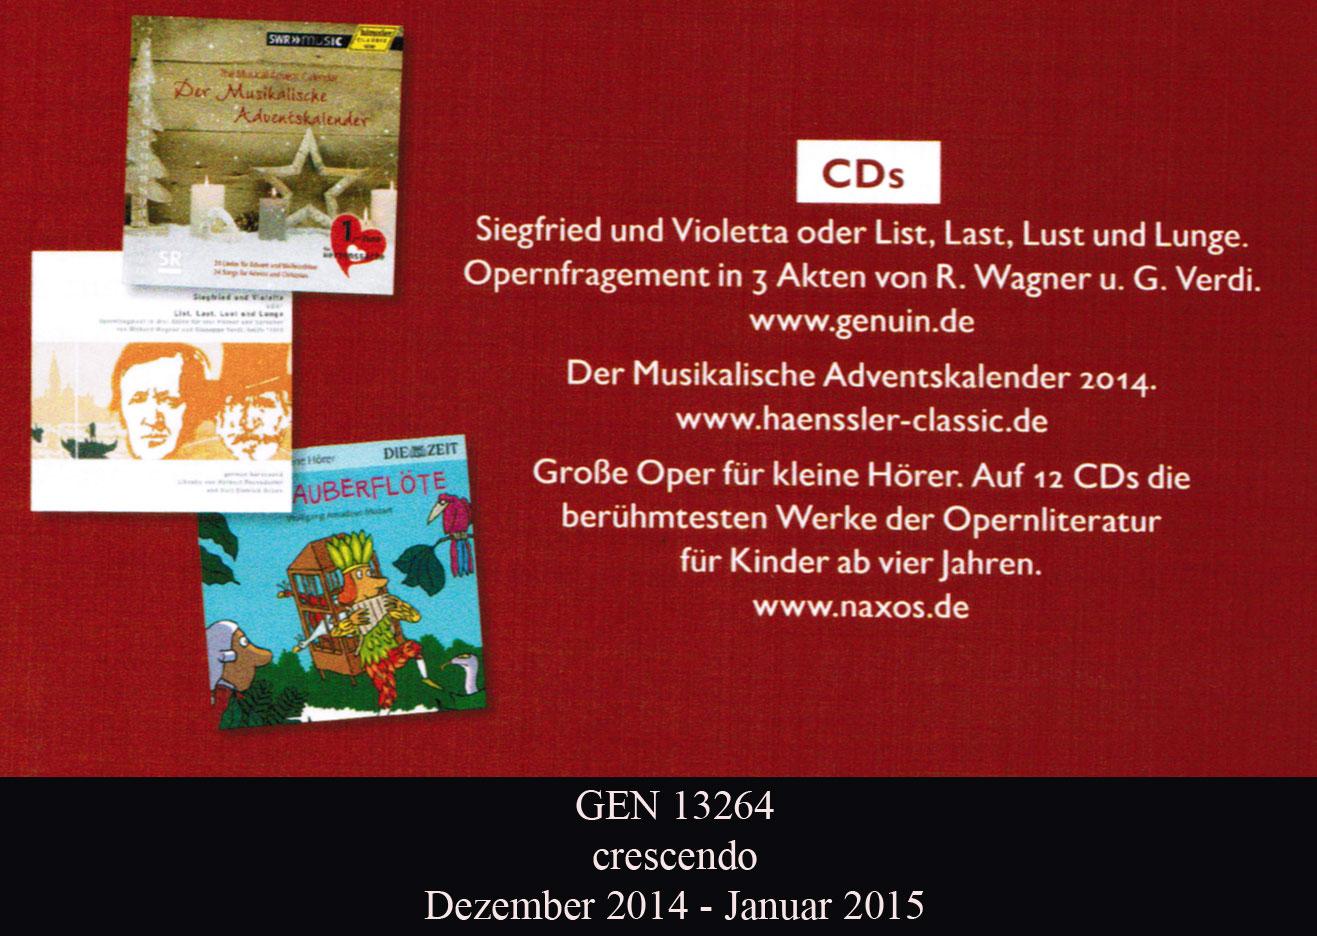 Weihnachtskalender Von Violetta.Genuin De Cd Katalog Genuin Cd Info